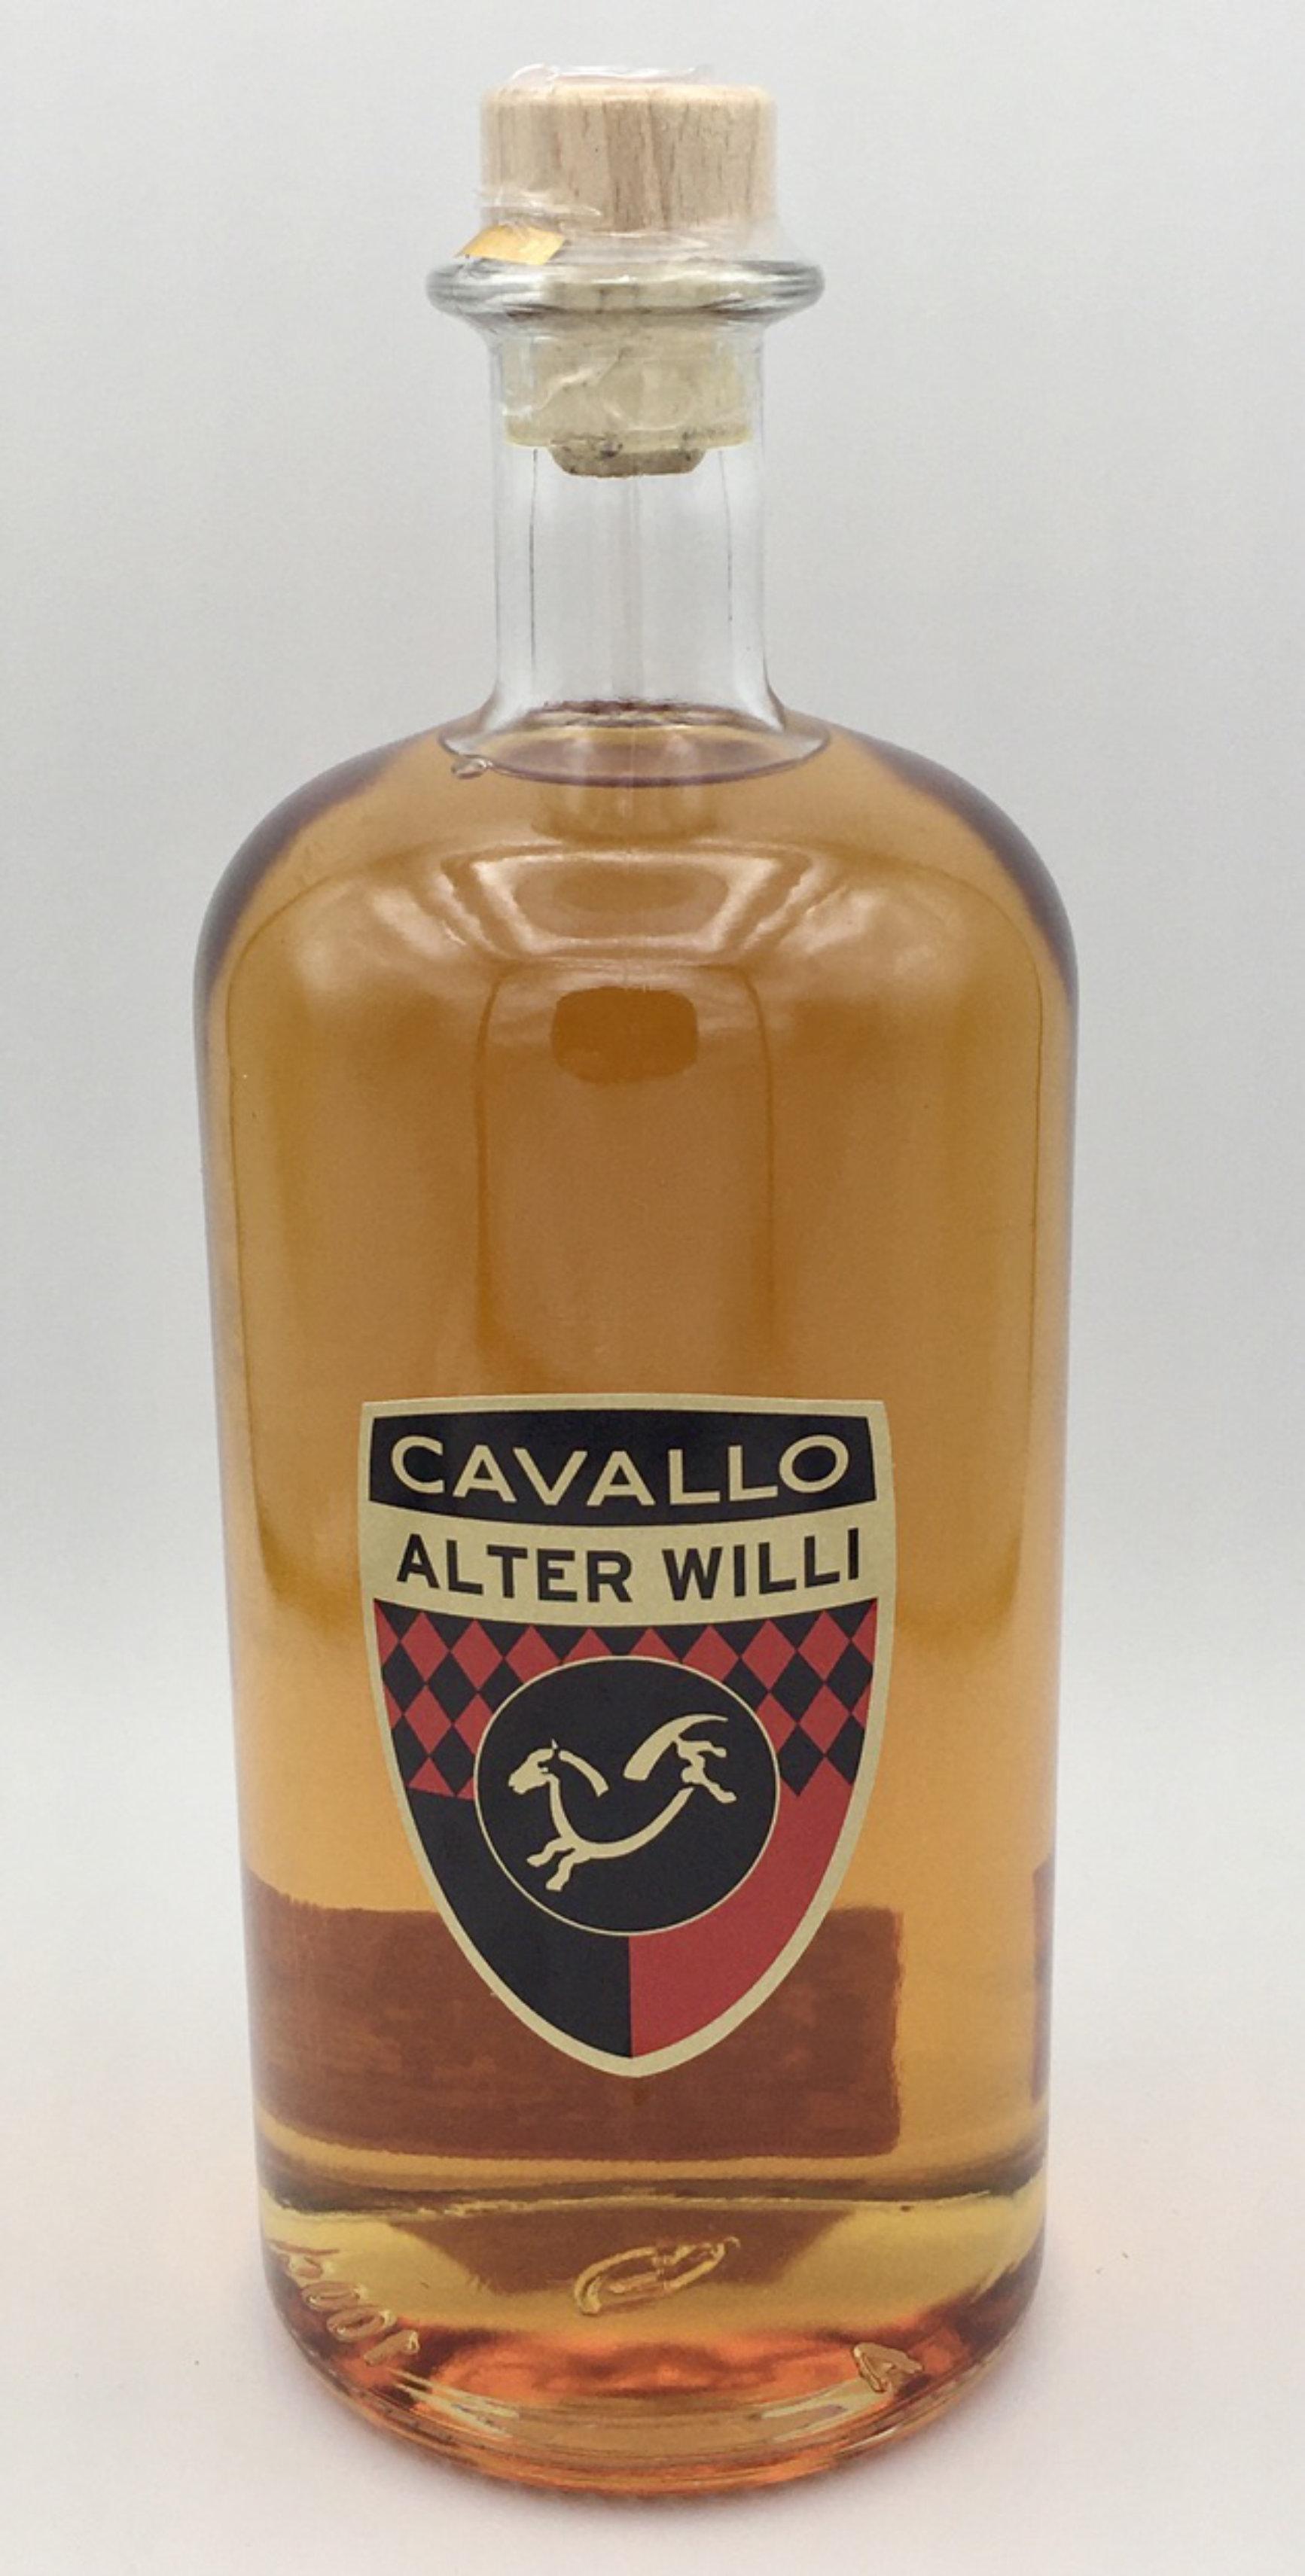 Alter Willi • 1 Liter • CAVALLO